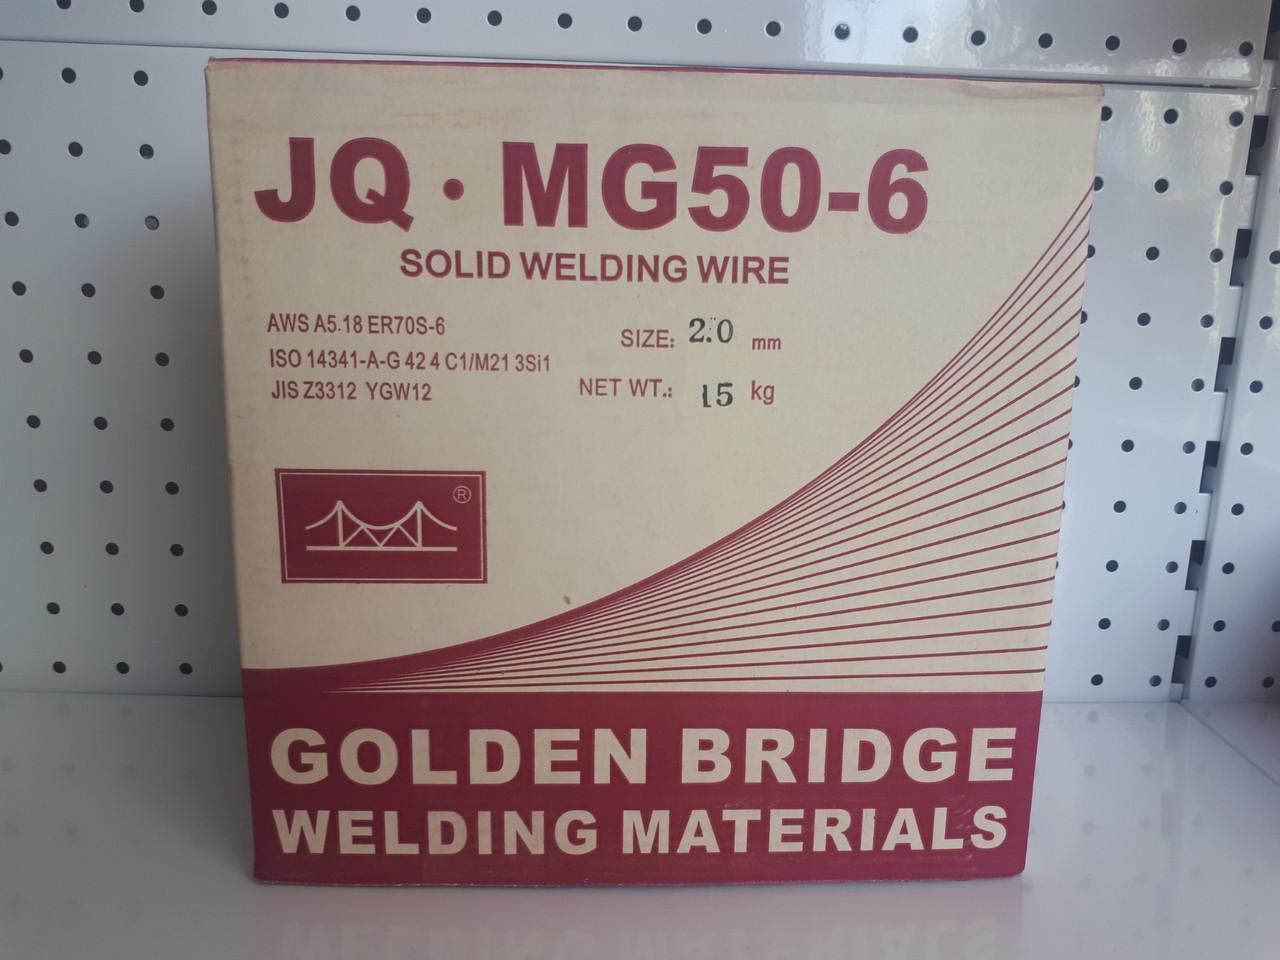 Сварочная проволока JQ.MG50-6 (ER70S-6) д=2,0мм (15кг)  Golden Bridge